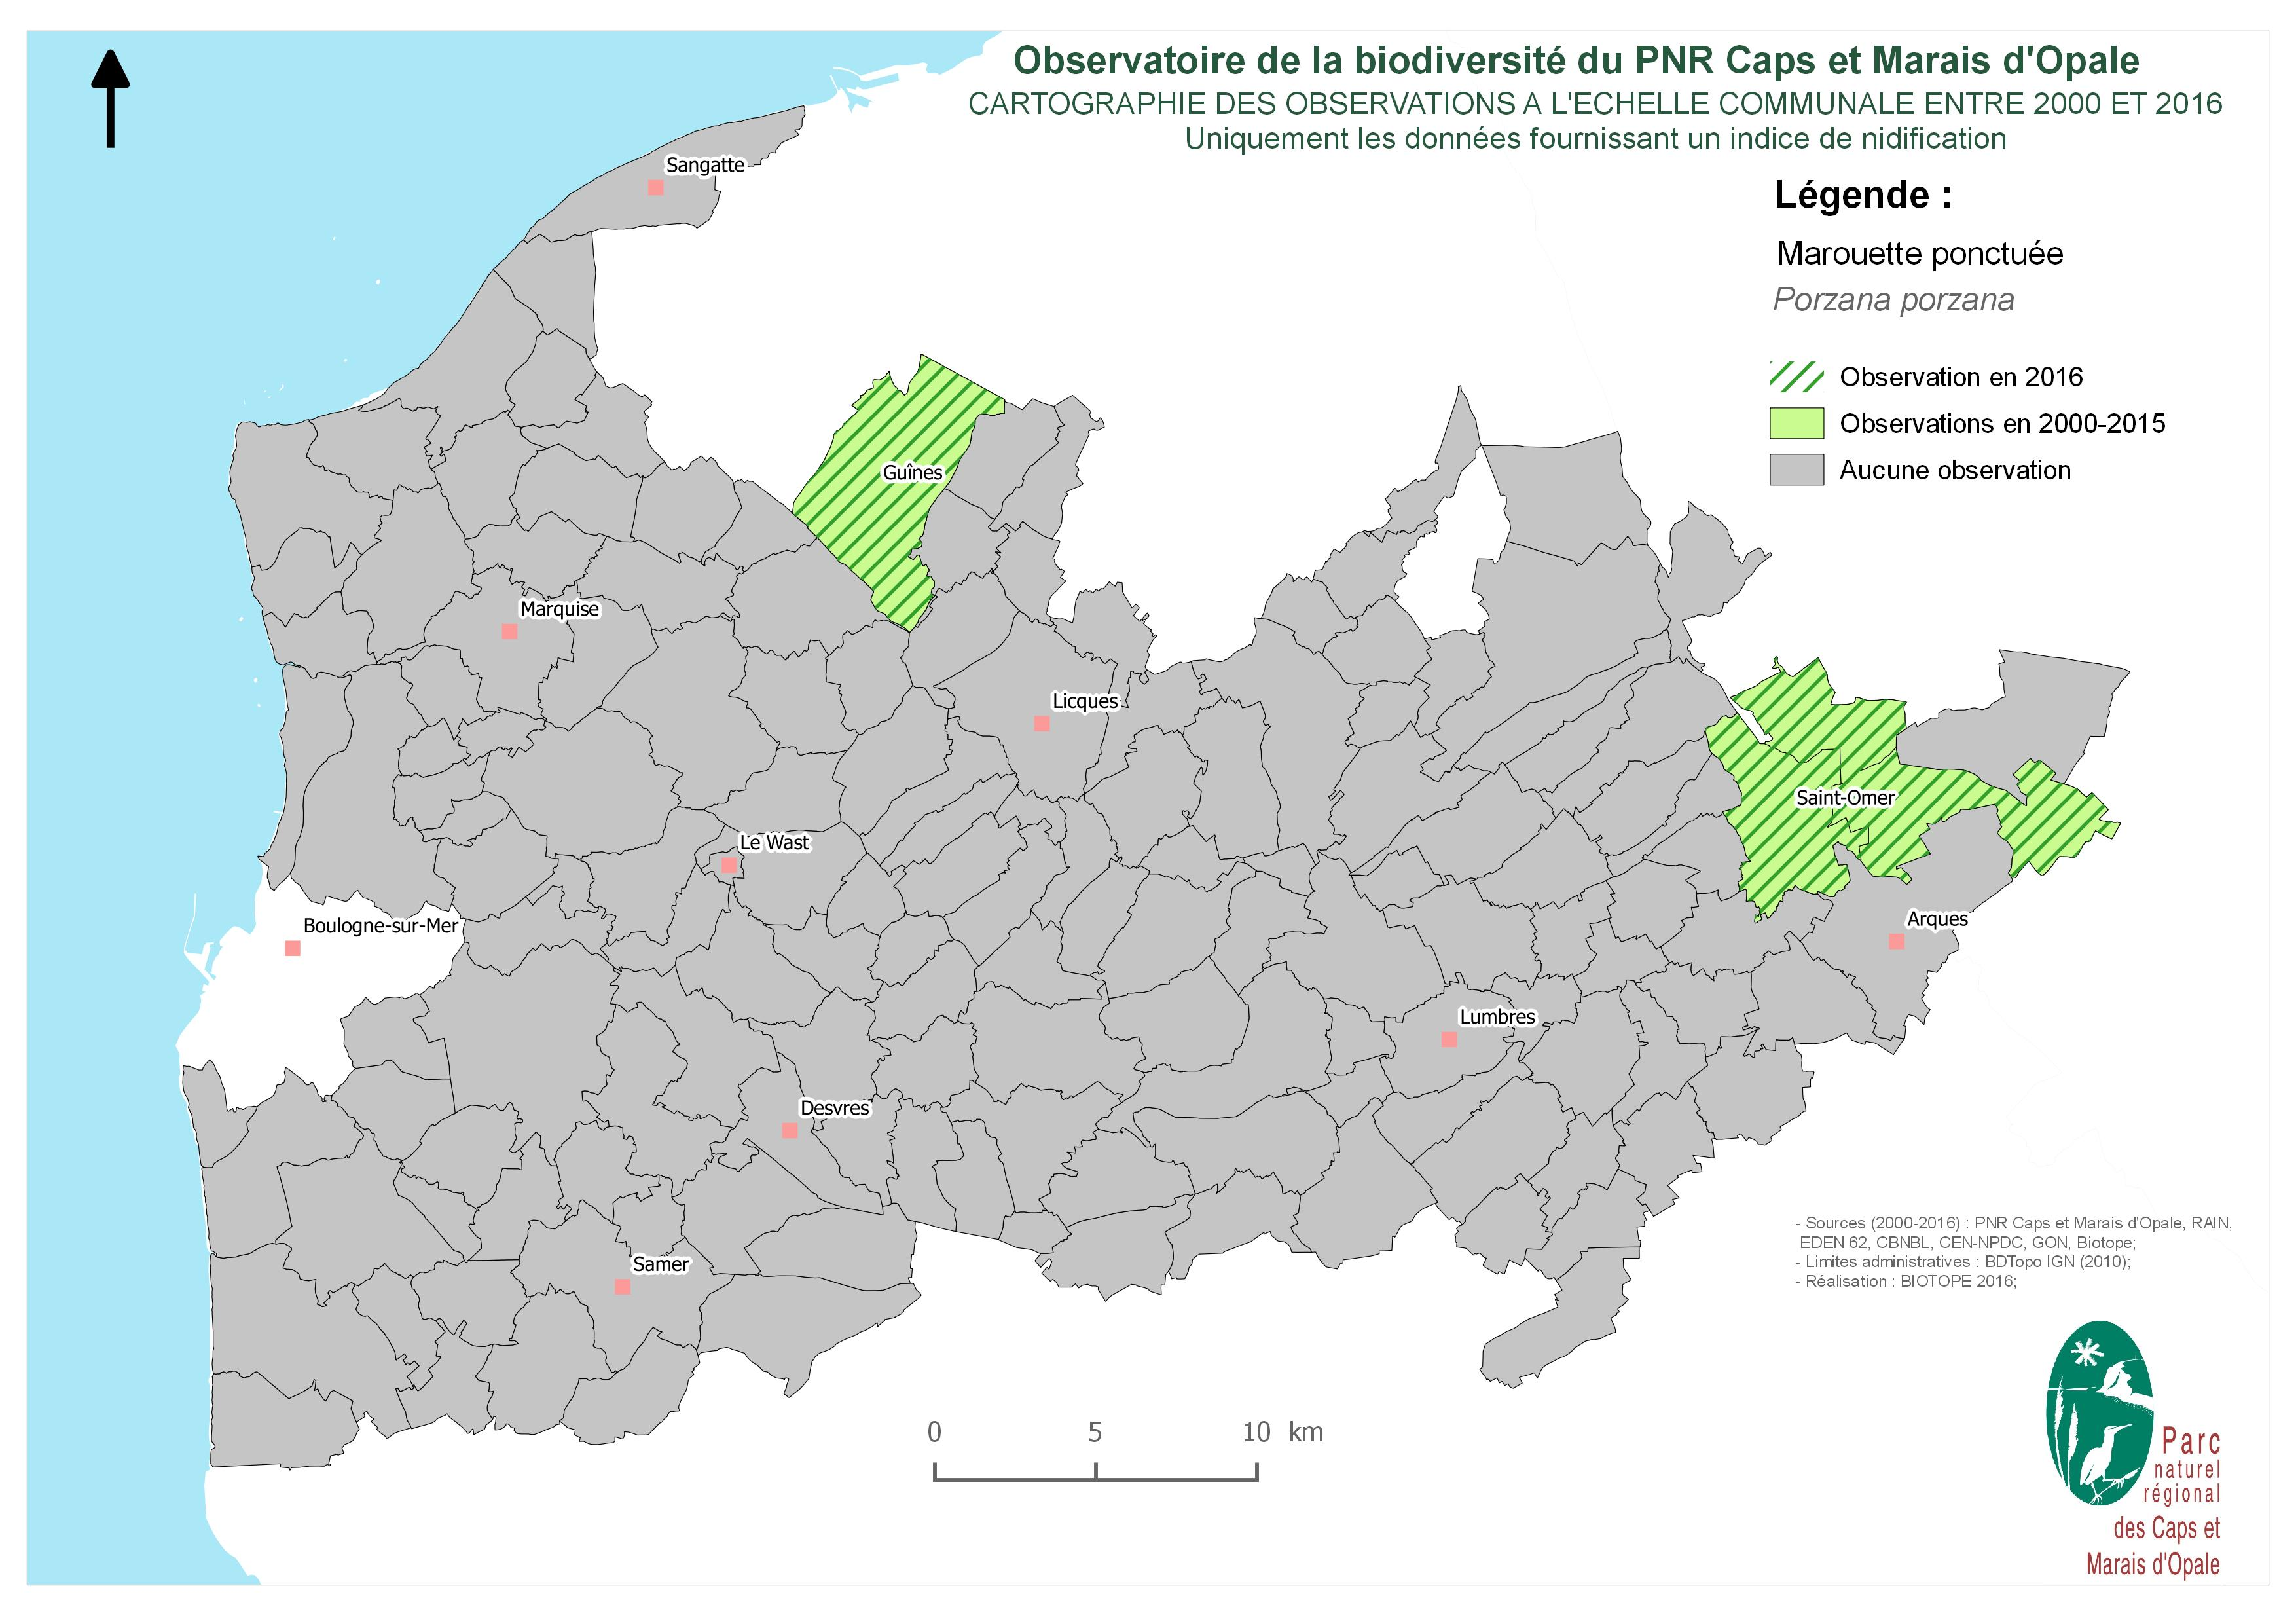 Cartographie des observations à l'échelle communale de Marouette ponctué (avec comportement de nicheur avéré) entre 2000 et 2016 (SIRF, 2017)